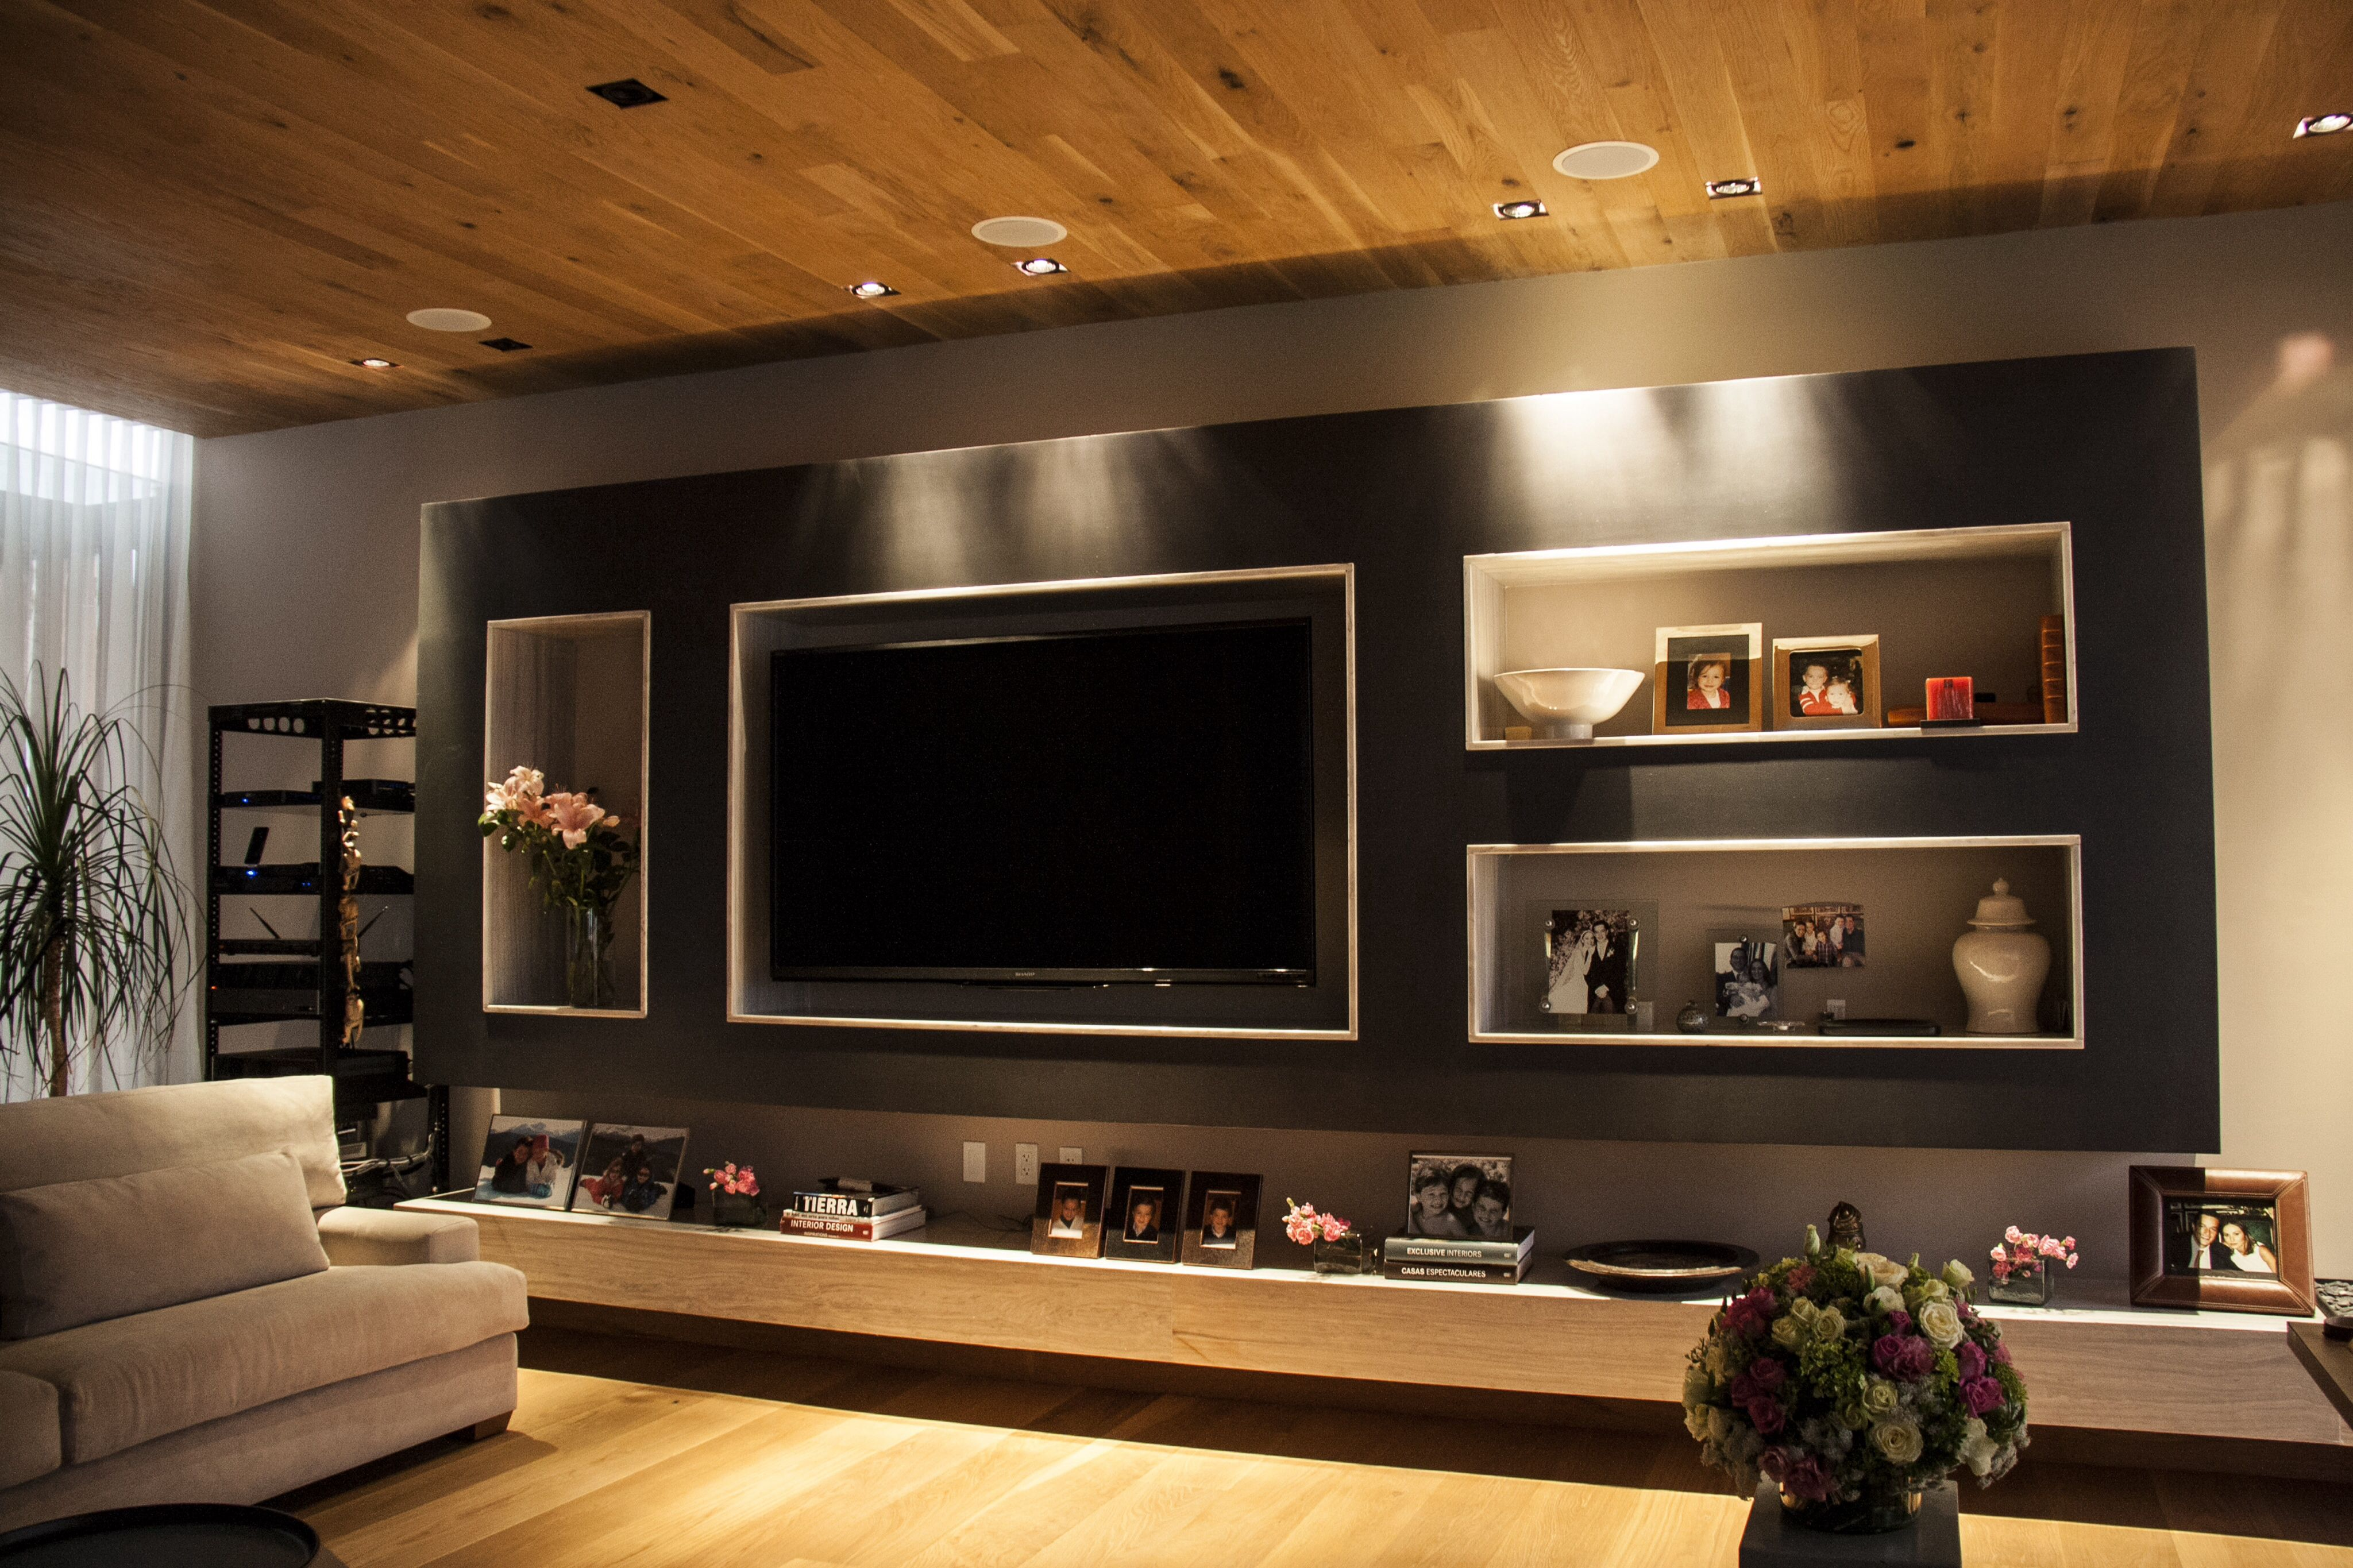 Casa ss cuarto de juegos mueble de tv decoraci n for Casa paulina muebles y decoracion